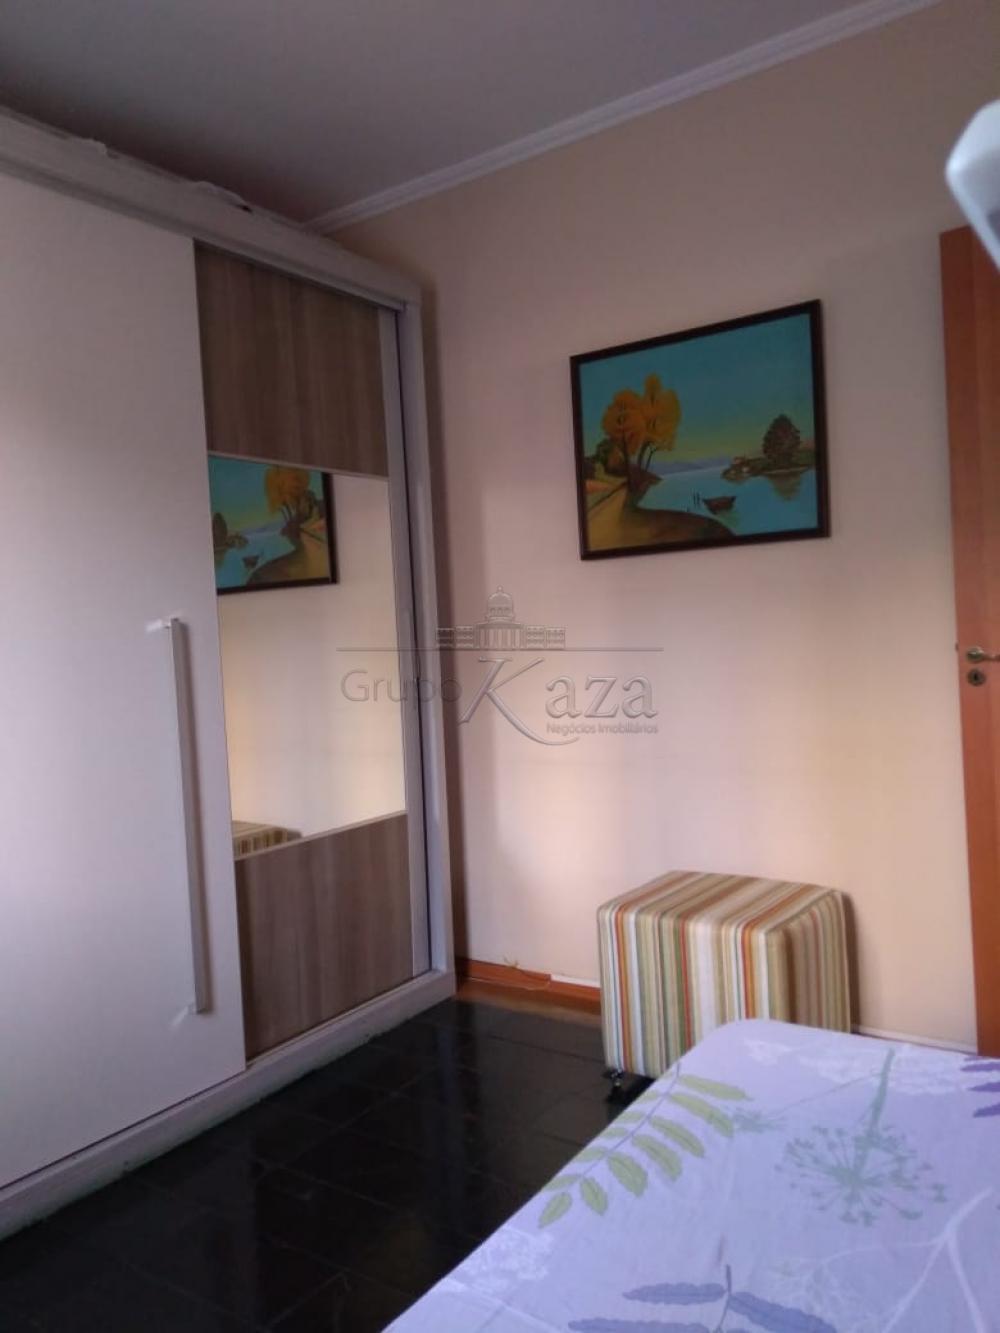 Comprar Apartamento / Padrão em São José dos Campos apenas R$ 310.000,00 - Foto 3